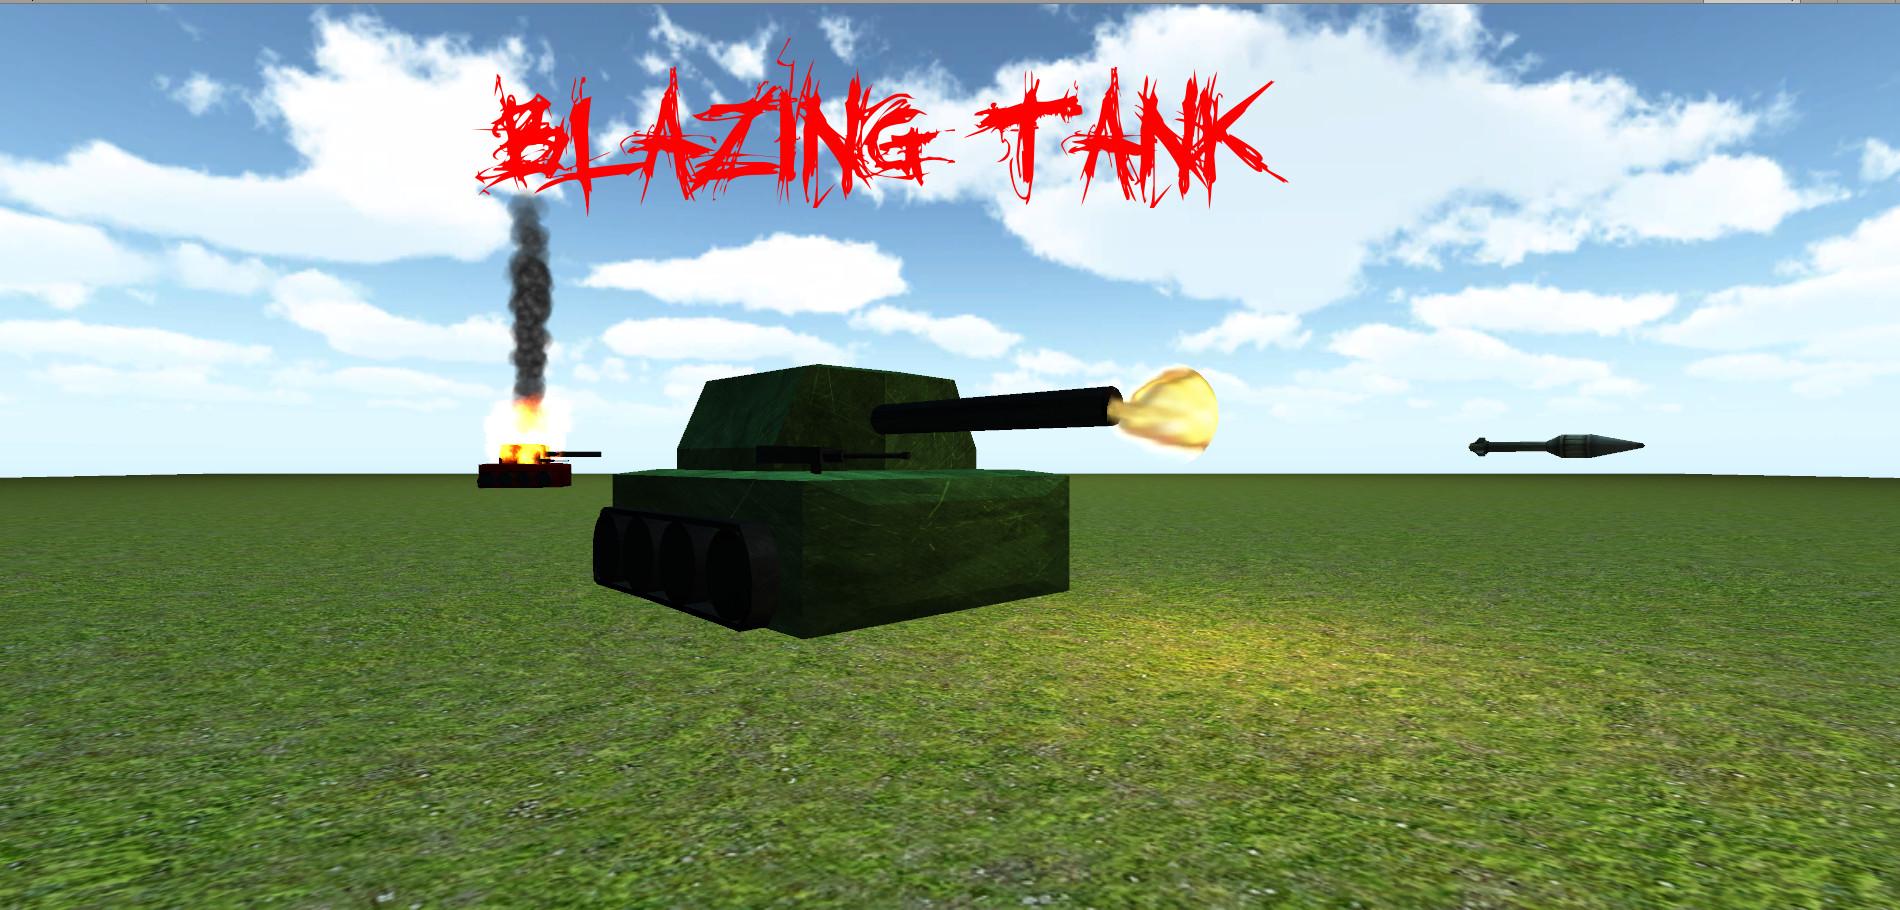 Blazing Tank